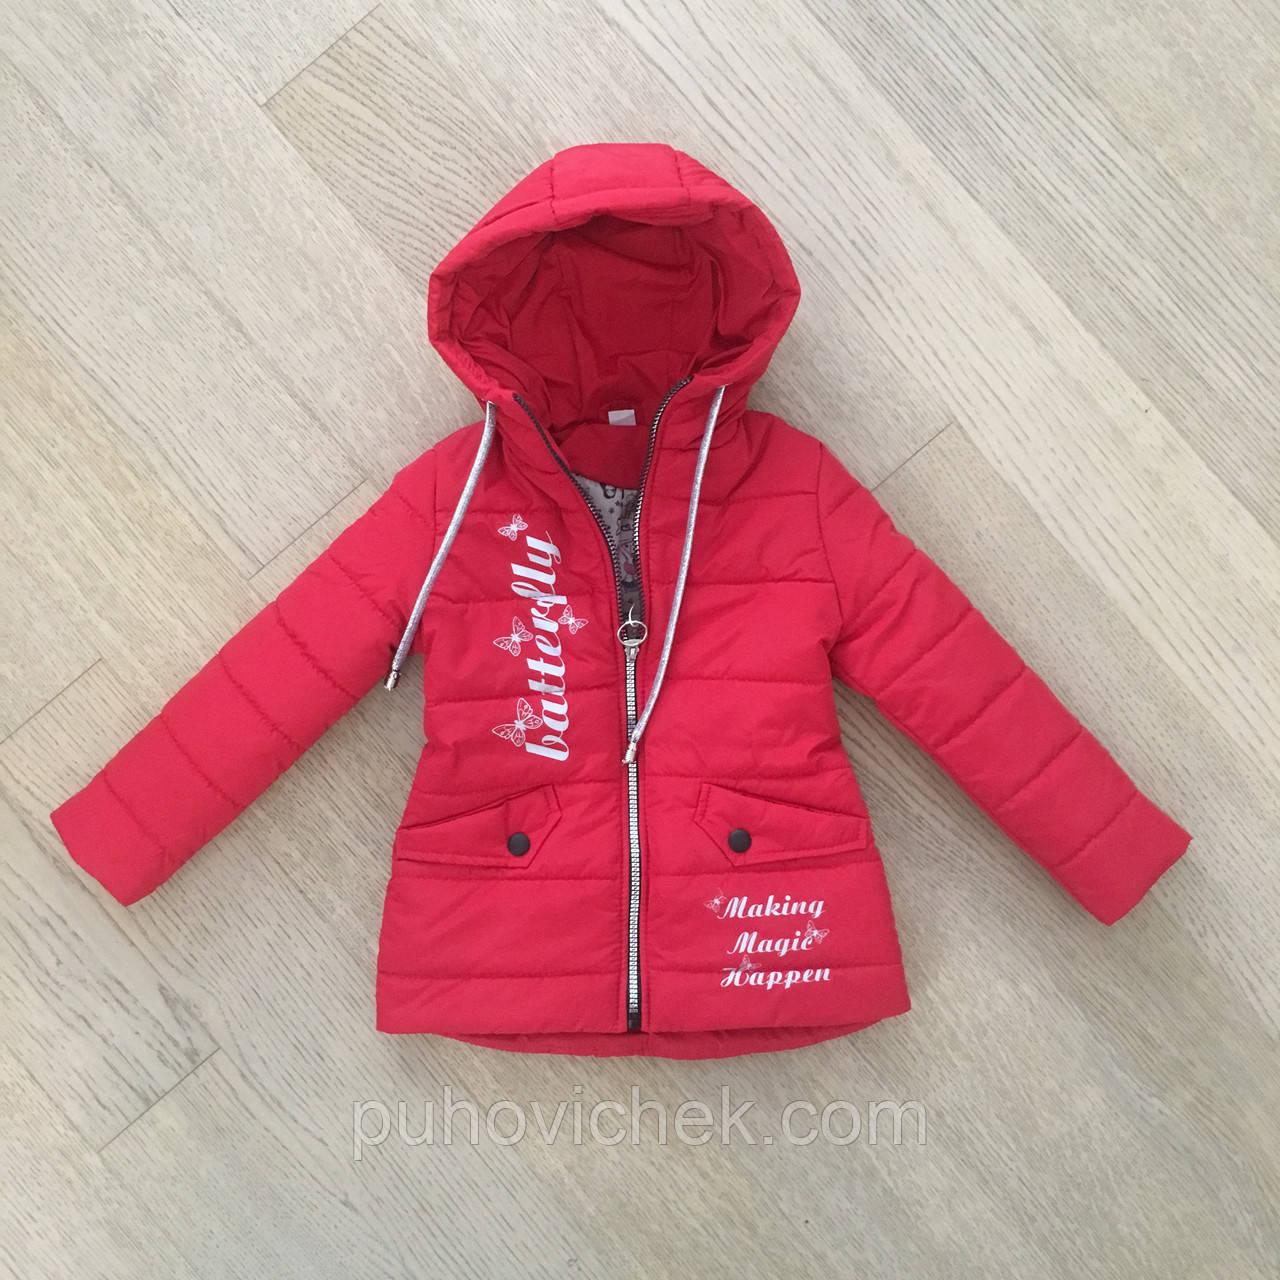 Детские куртки для девочек весна осень от производителя